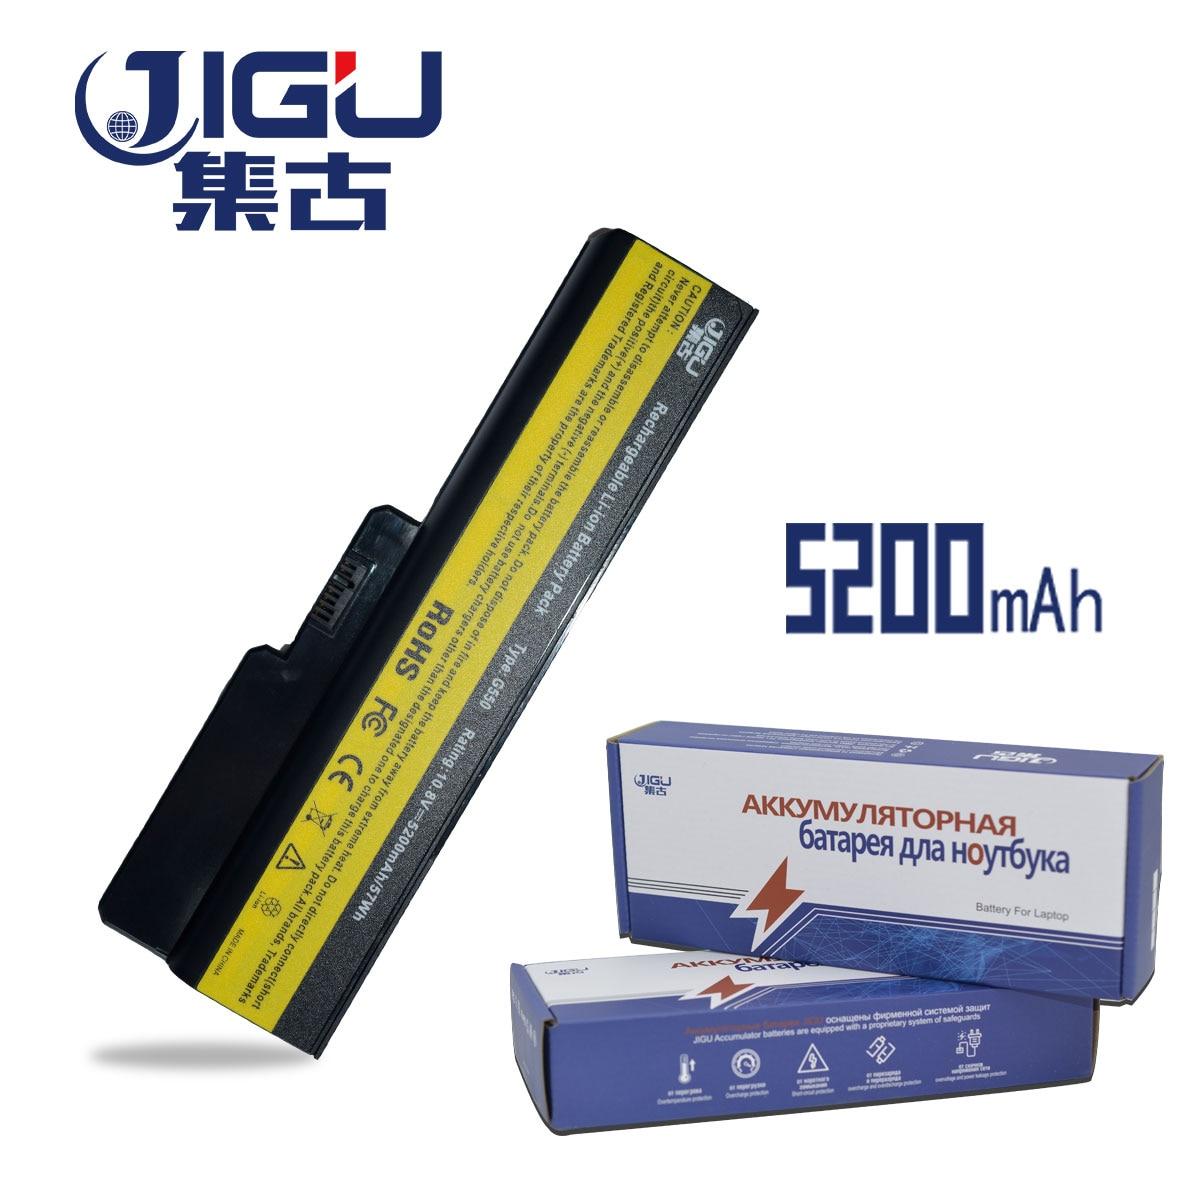 JIGU batería del ordenador portátil para IBM Lenovo 3000 G455 para Lenovo N500 G550 IdeaPad G430 V460 Z360 B460 V460D L08S6Y02 L08S6D02 L08L6Y02